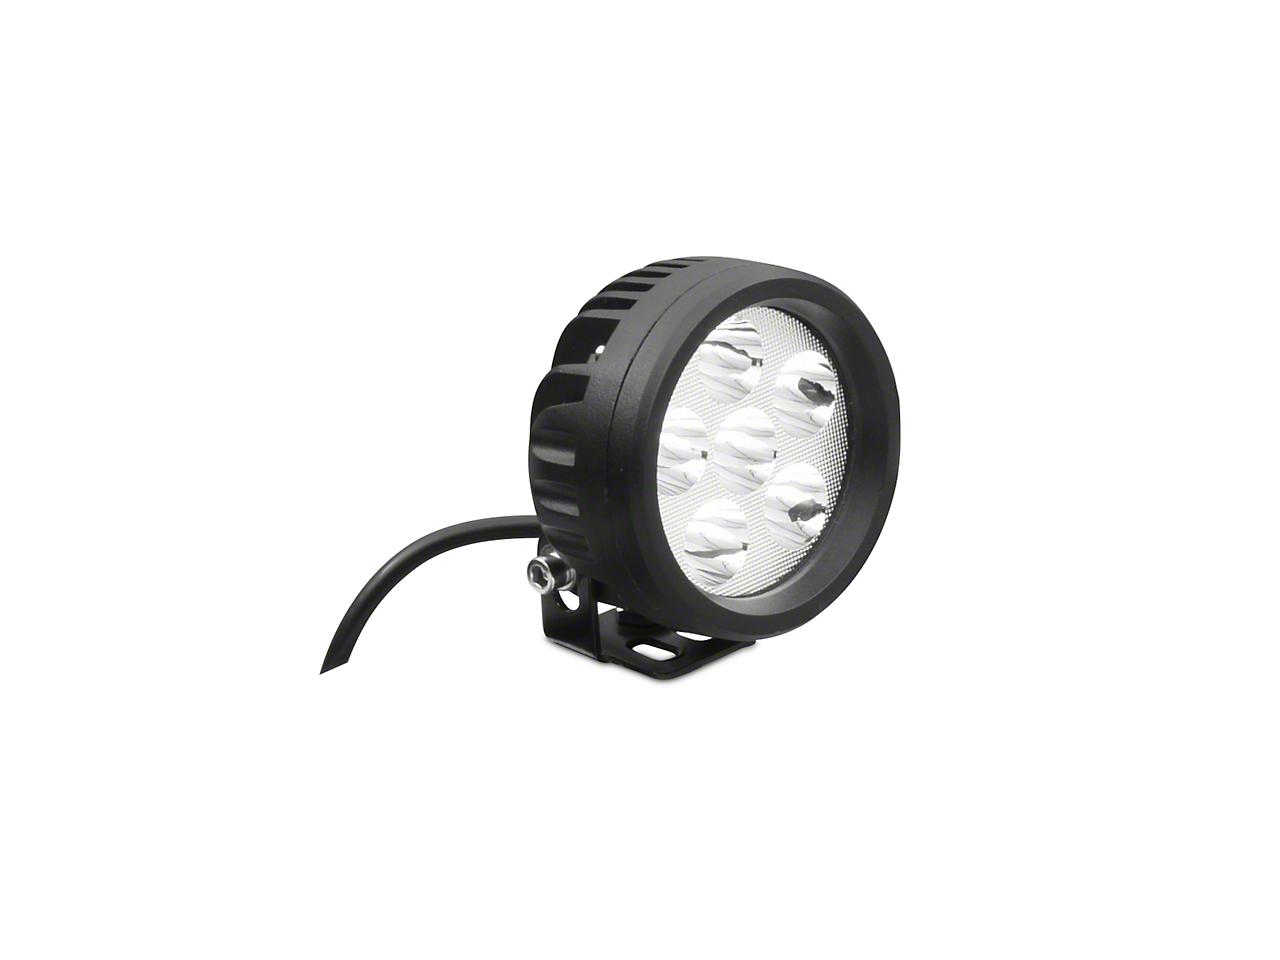 DV8 Off-Road 3.5 in. Round LED Light - Spot Beam (87-18 Wrangler YJ, TJ & JK)